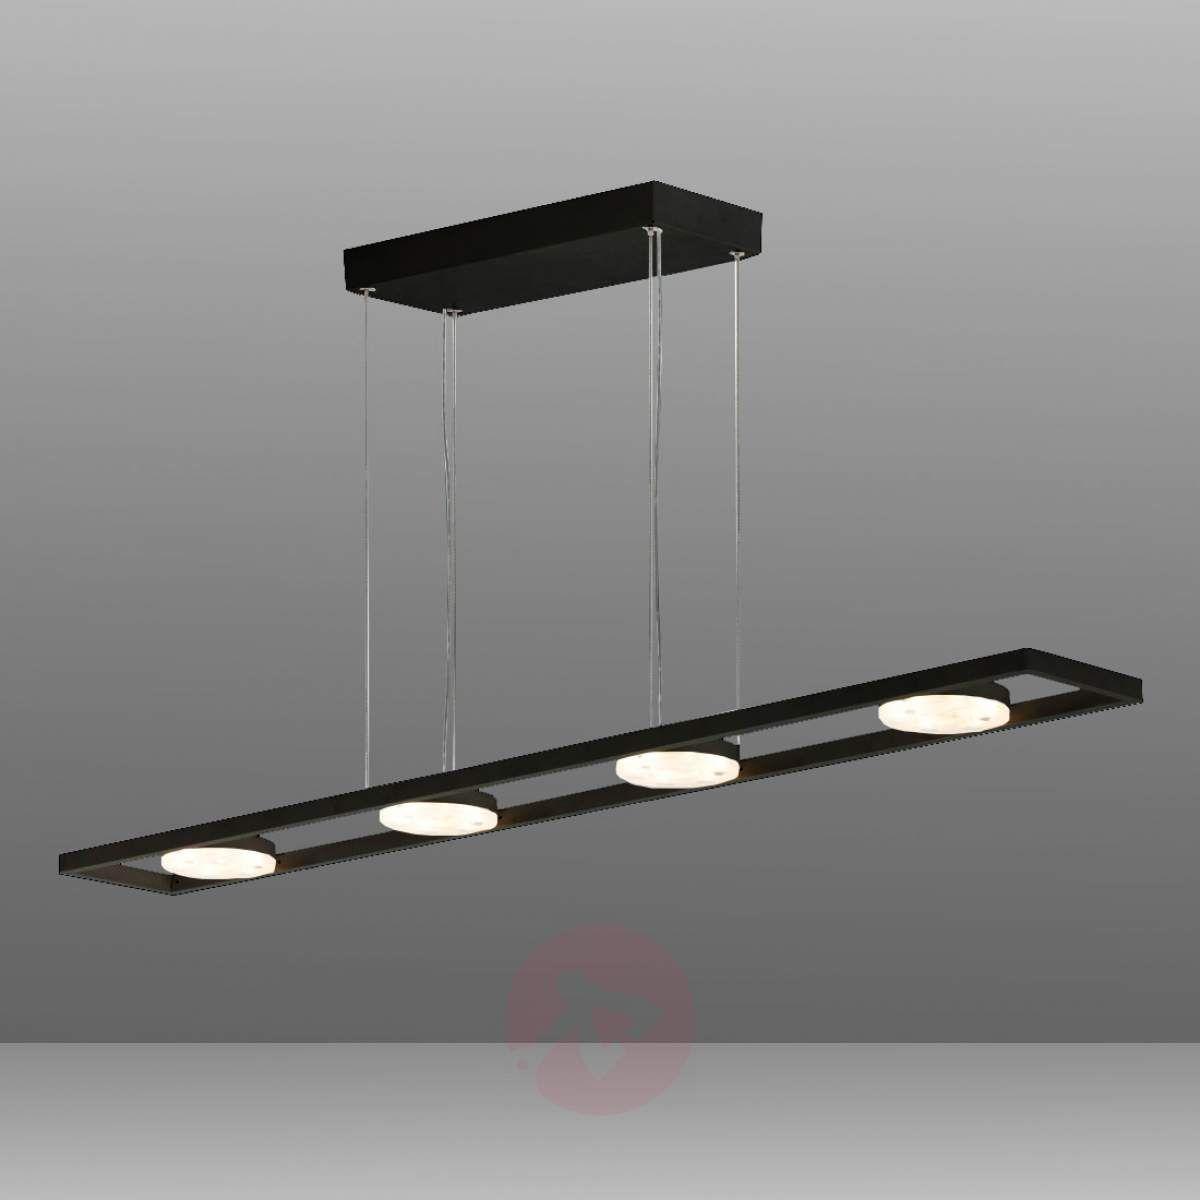 lampy wiszące do kuchni czrne